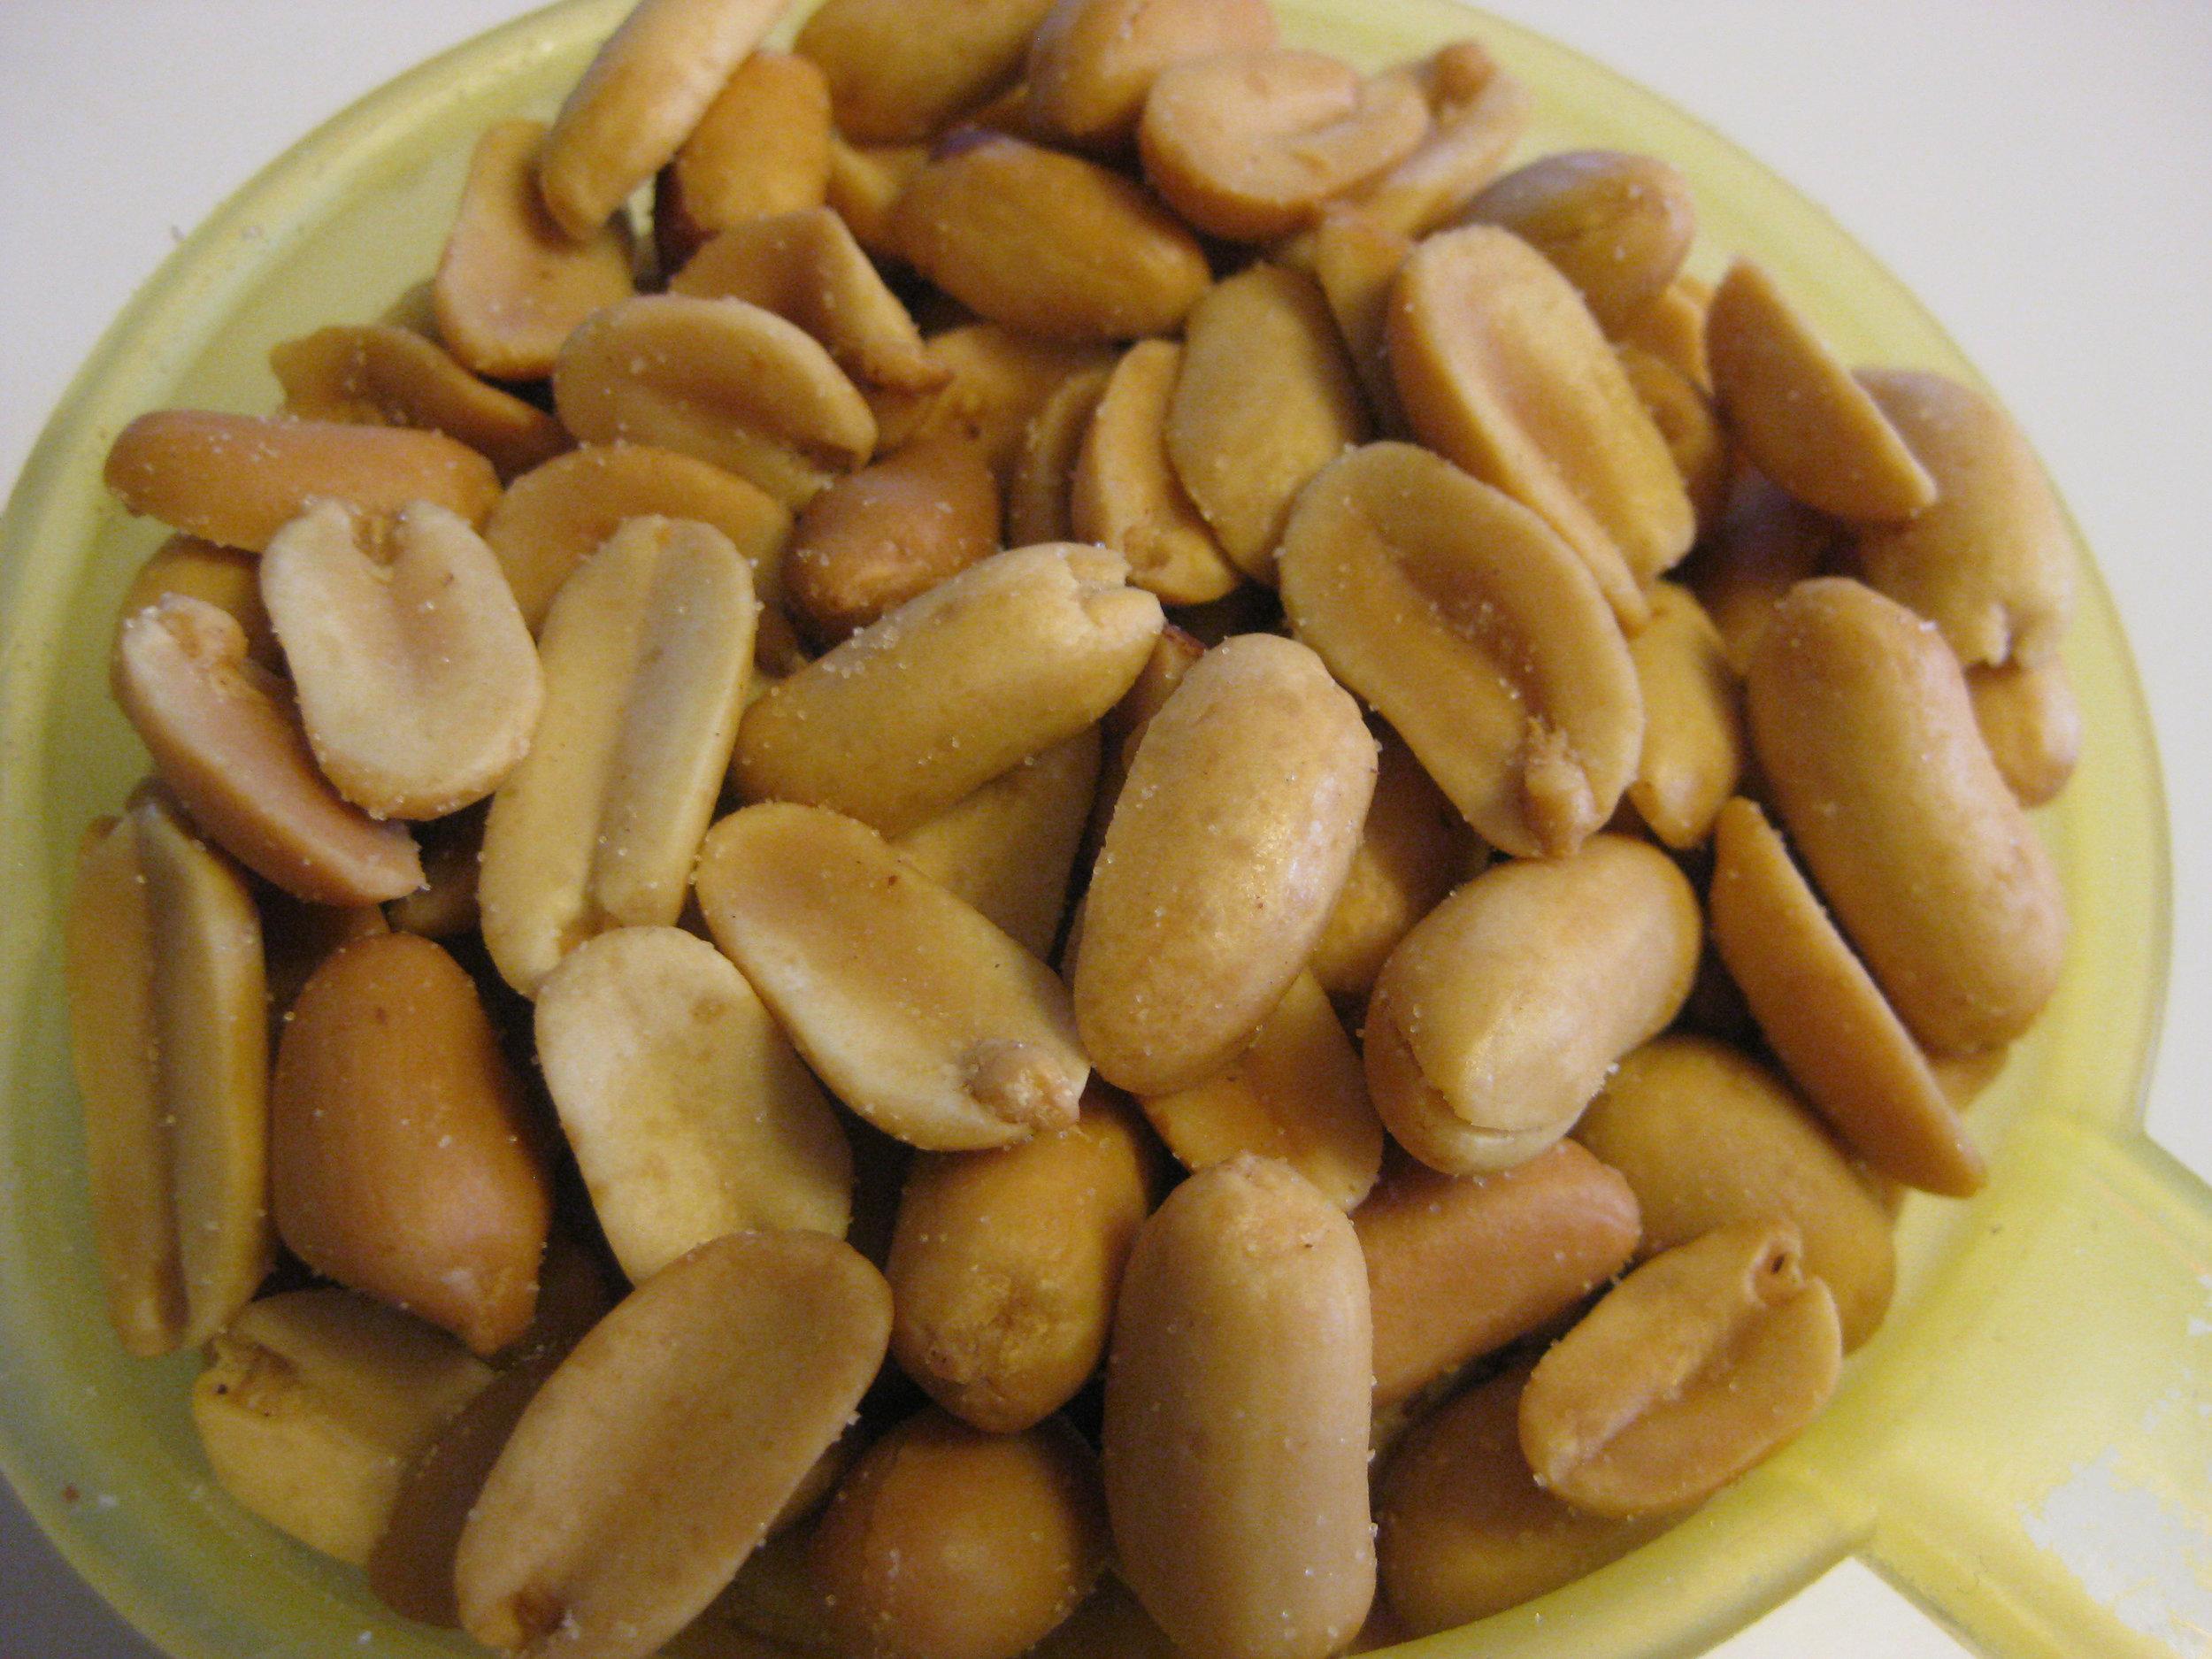 08peanuts